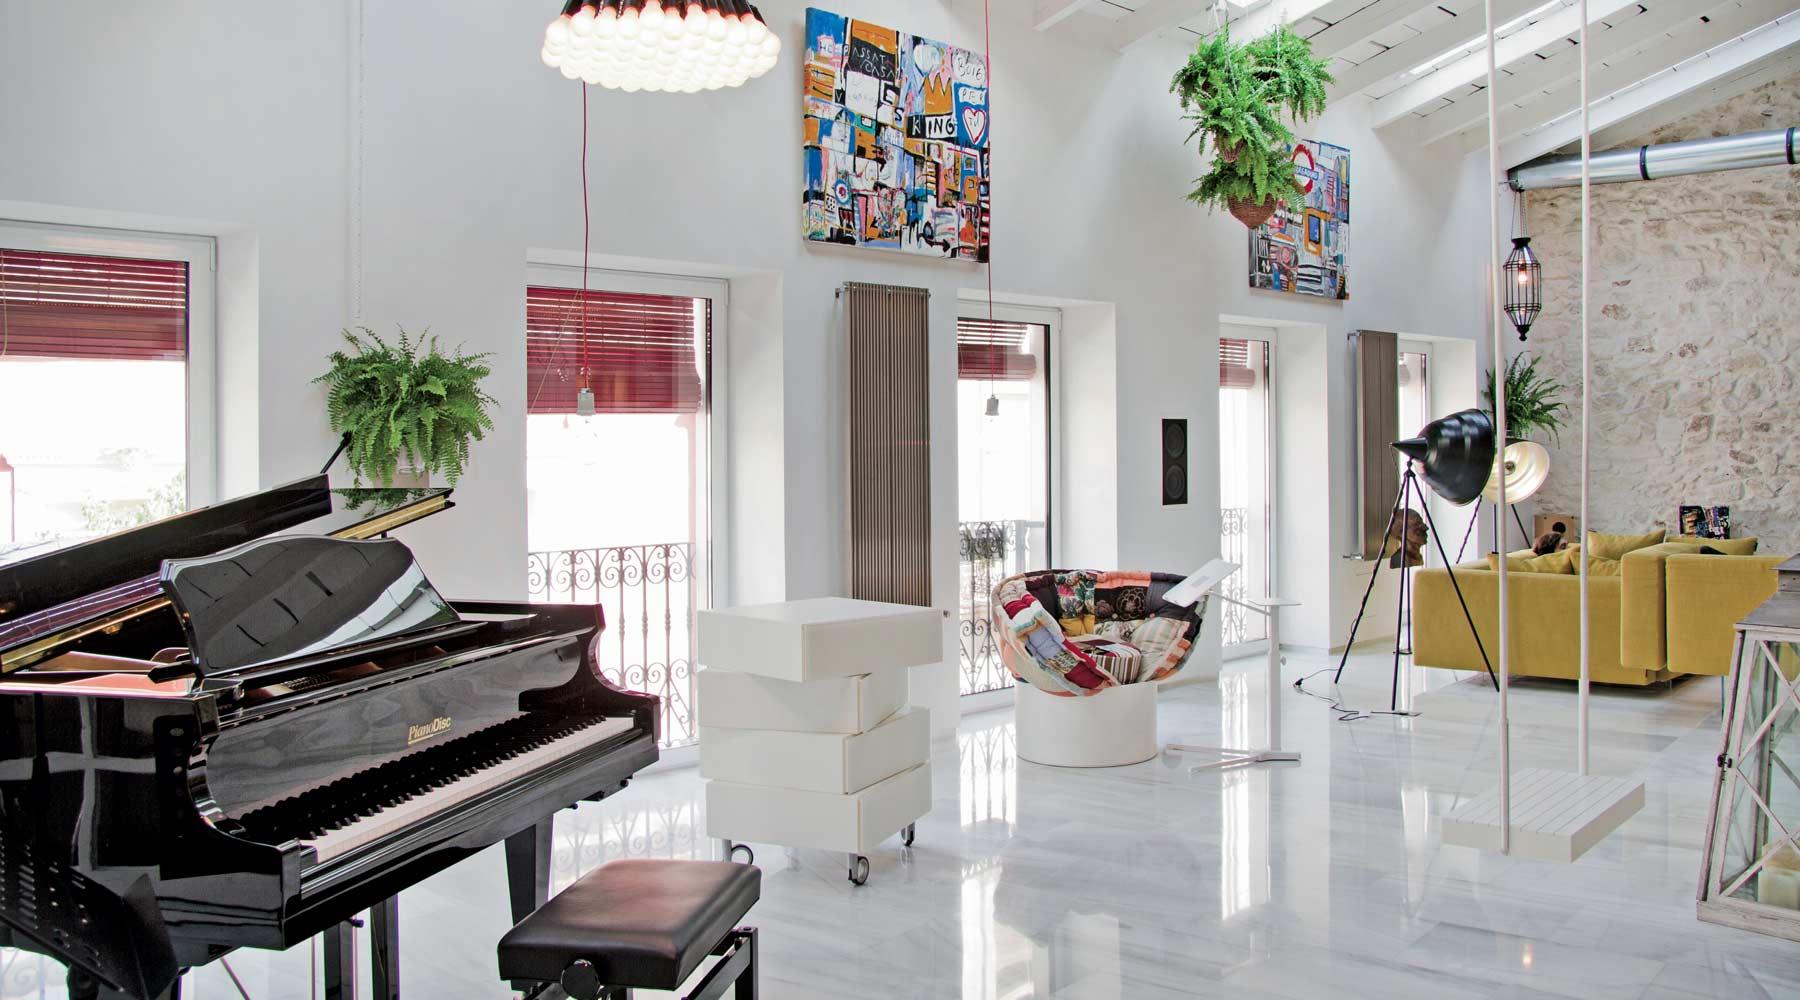 soggiorno-open-space-appartamento-lago-alicante - Mansarda.it